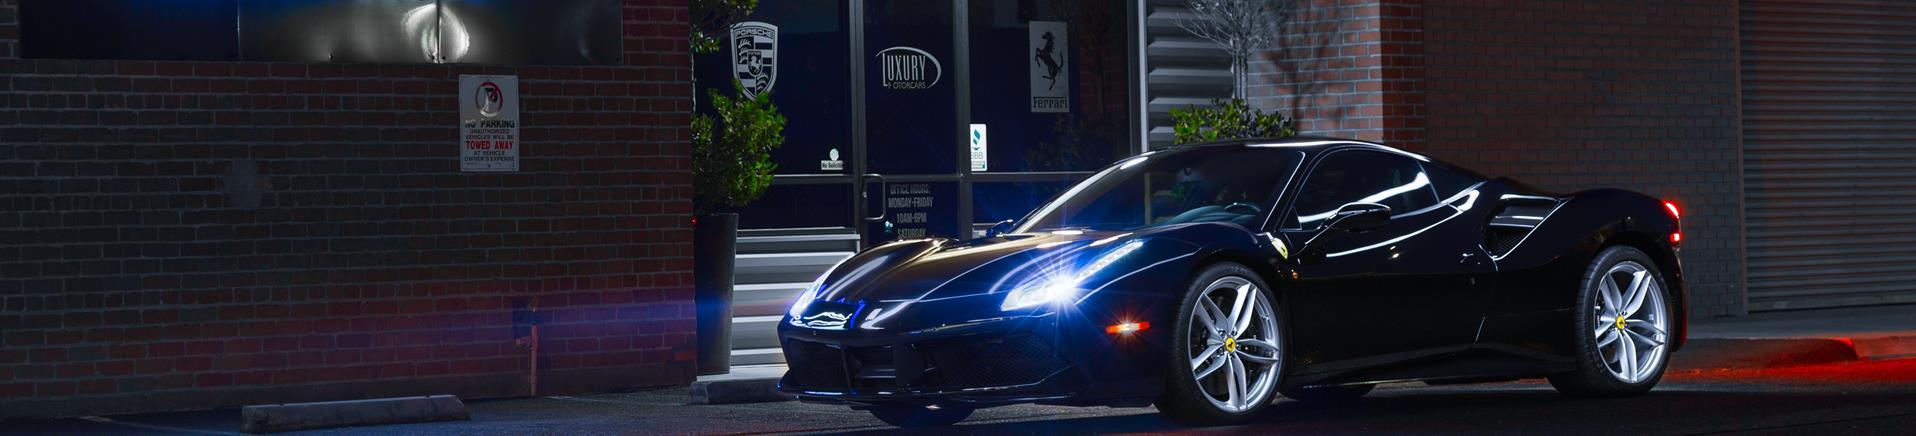 Used Cars Sacramento CA | Used Cars & Trucks CA | Luxury